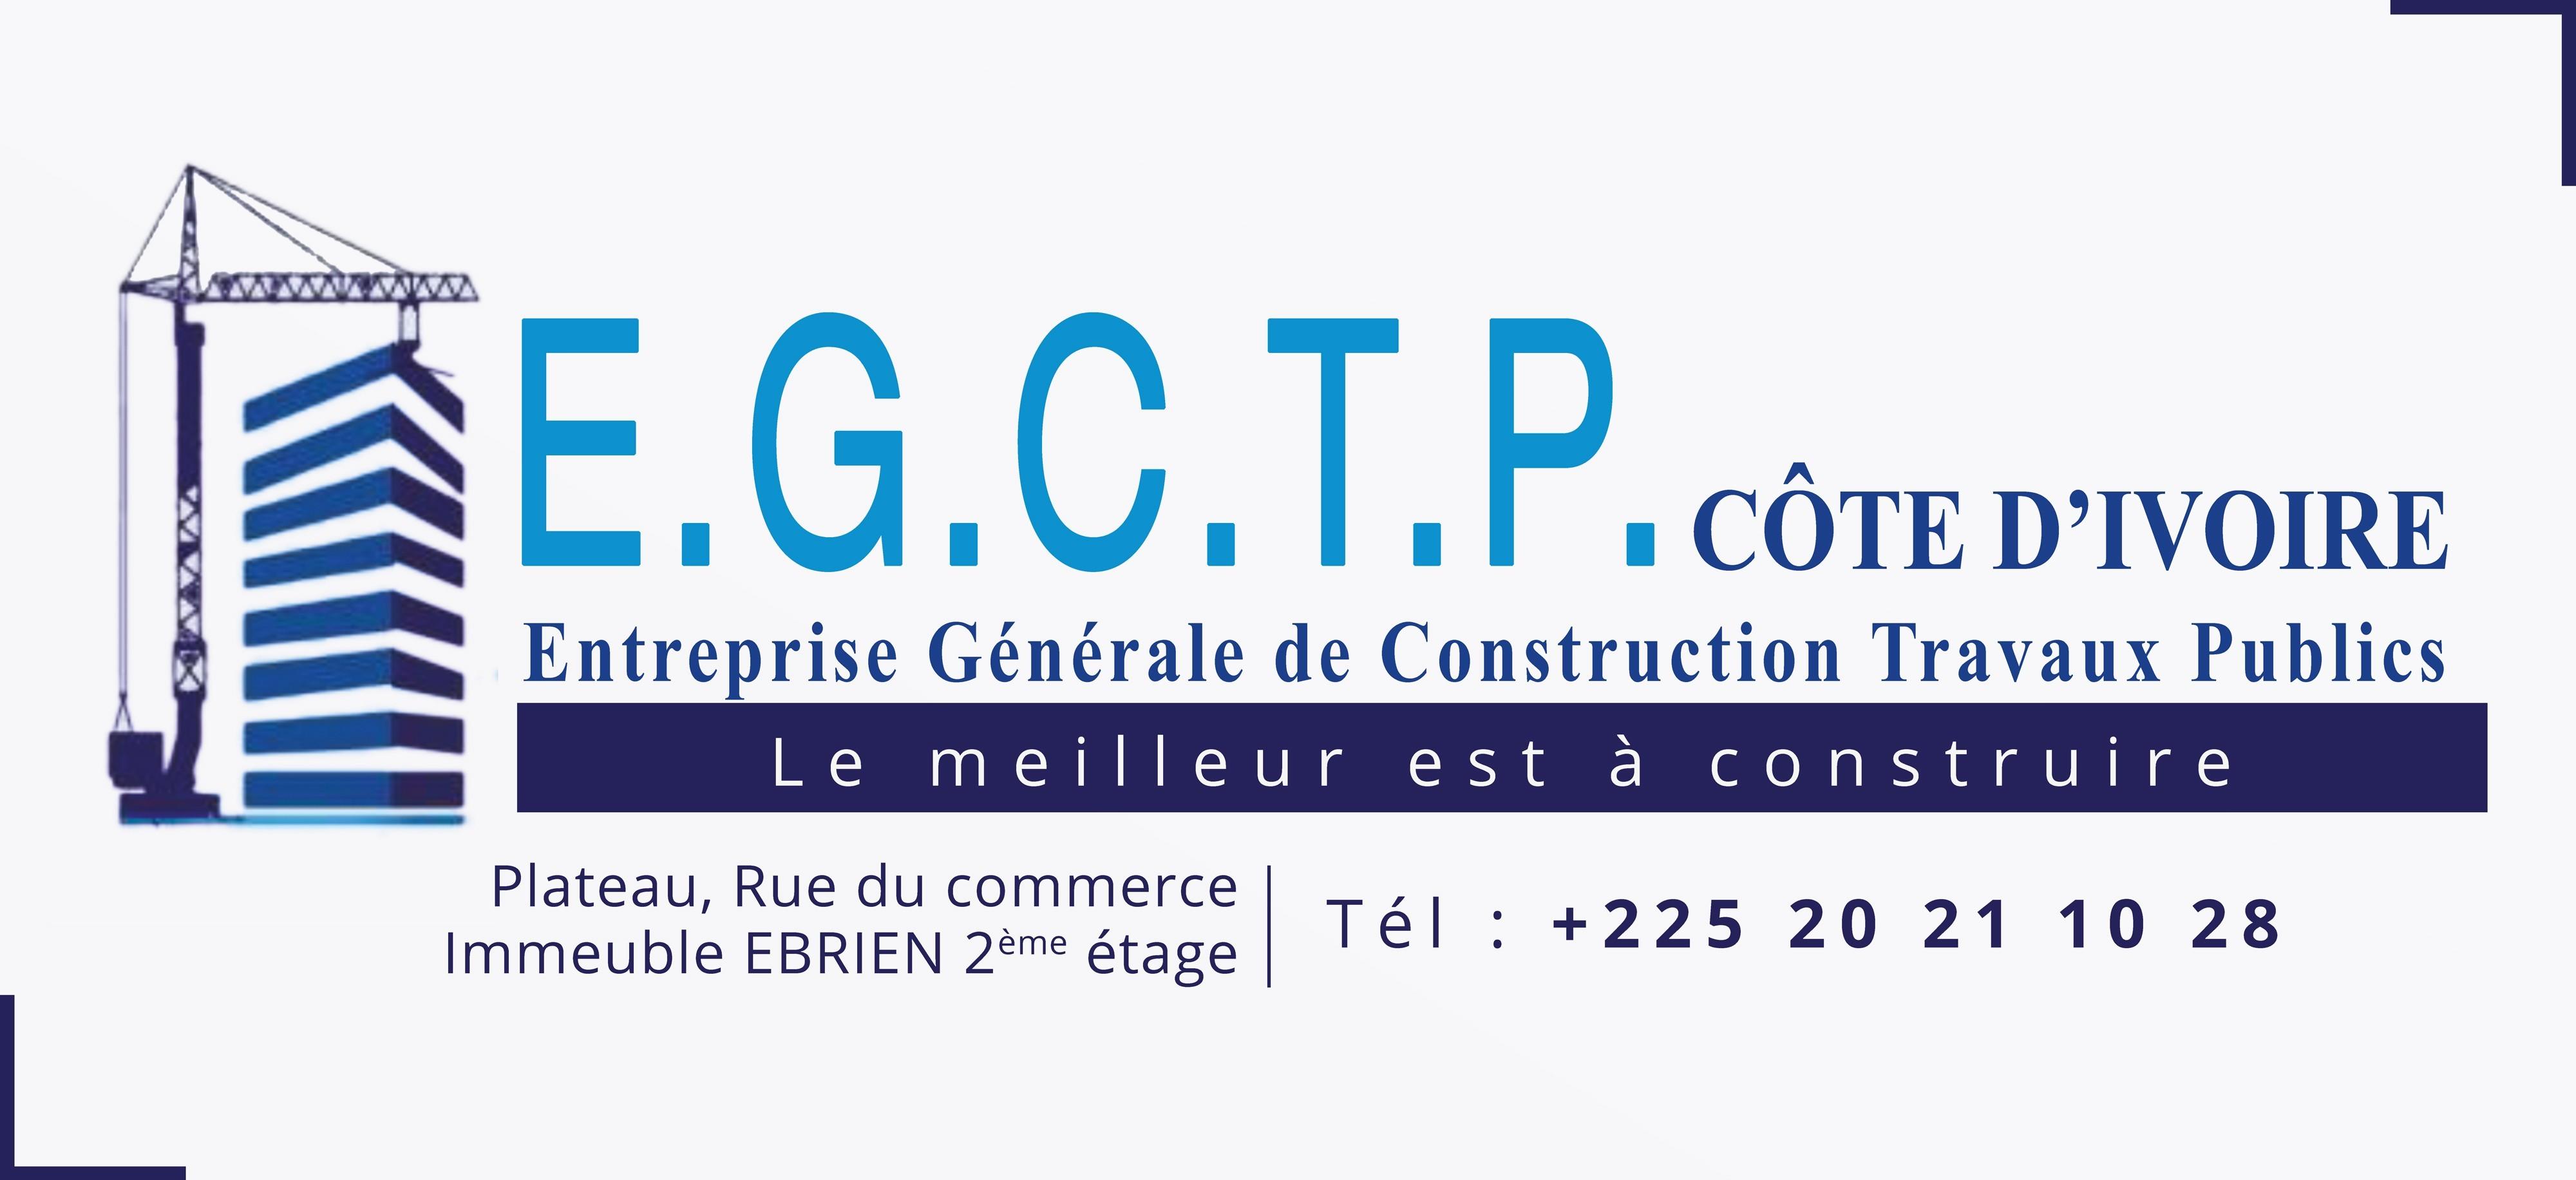 Egctp entreprise generale de construction travaux publics for Entreprise de construction